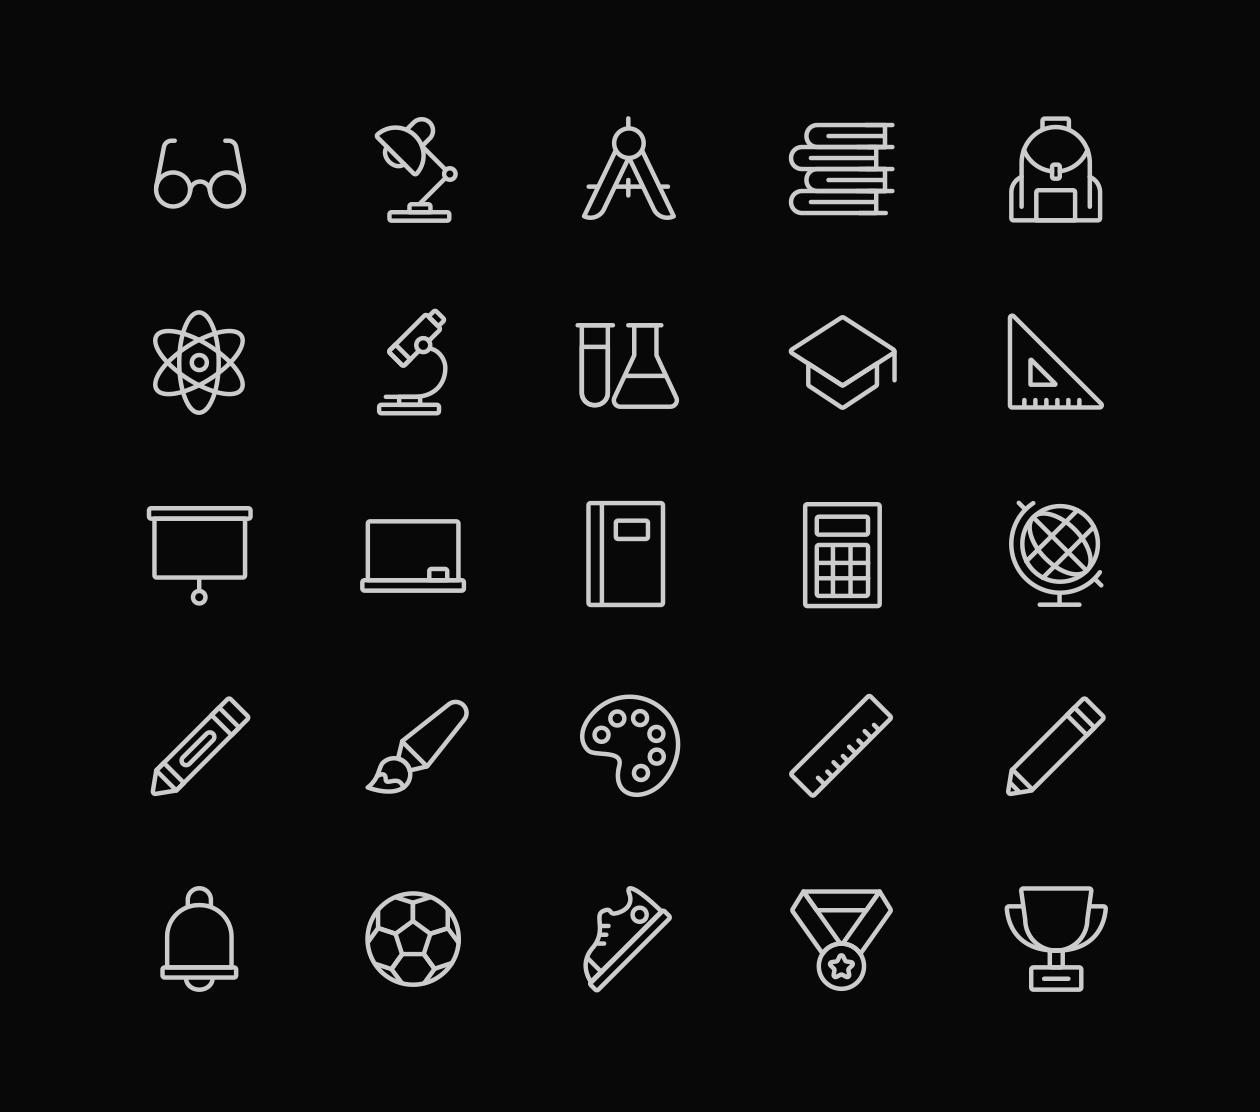 School Icons - Black